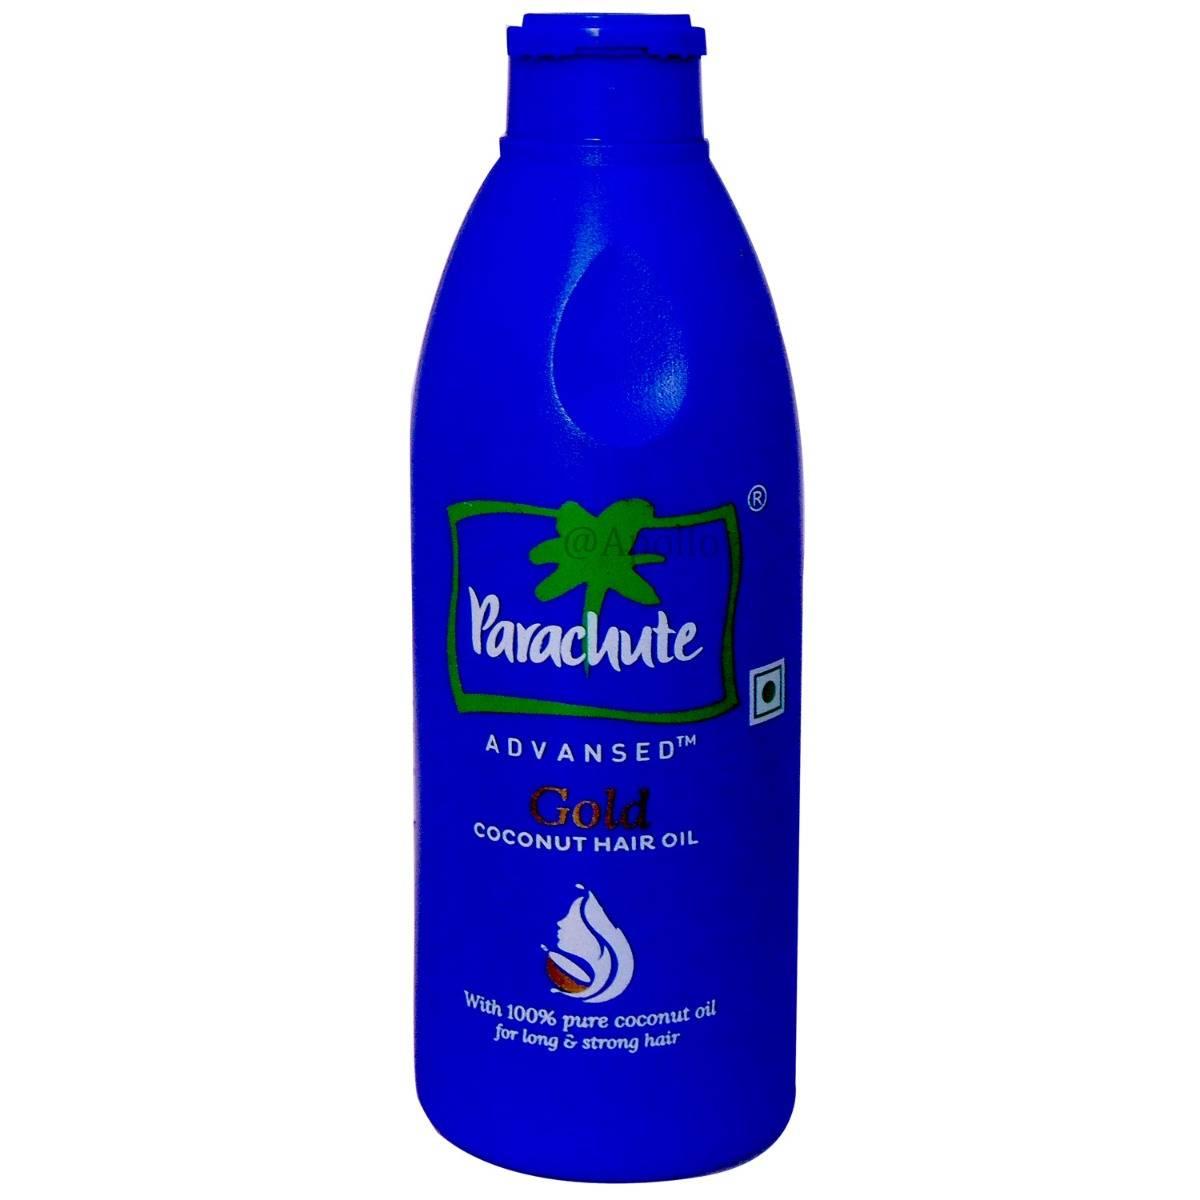 Parachute Advansed Gold Coconut Hair Oil, 190 ml